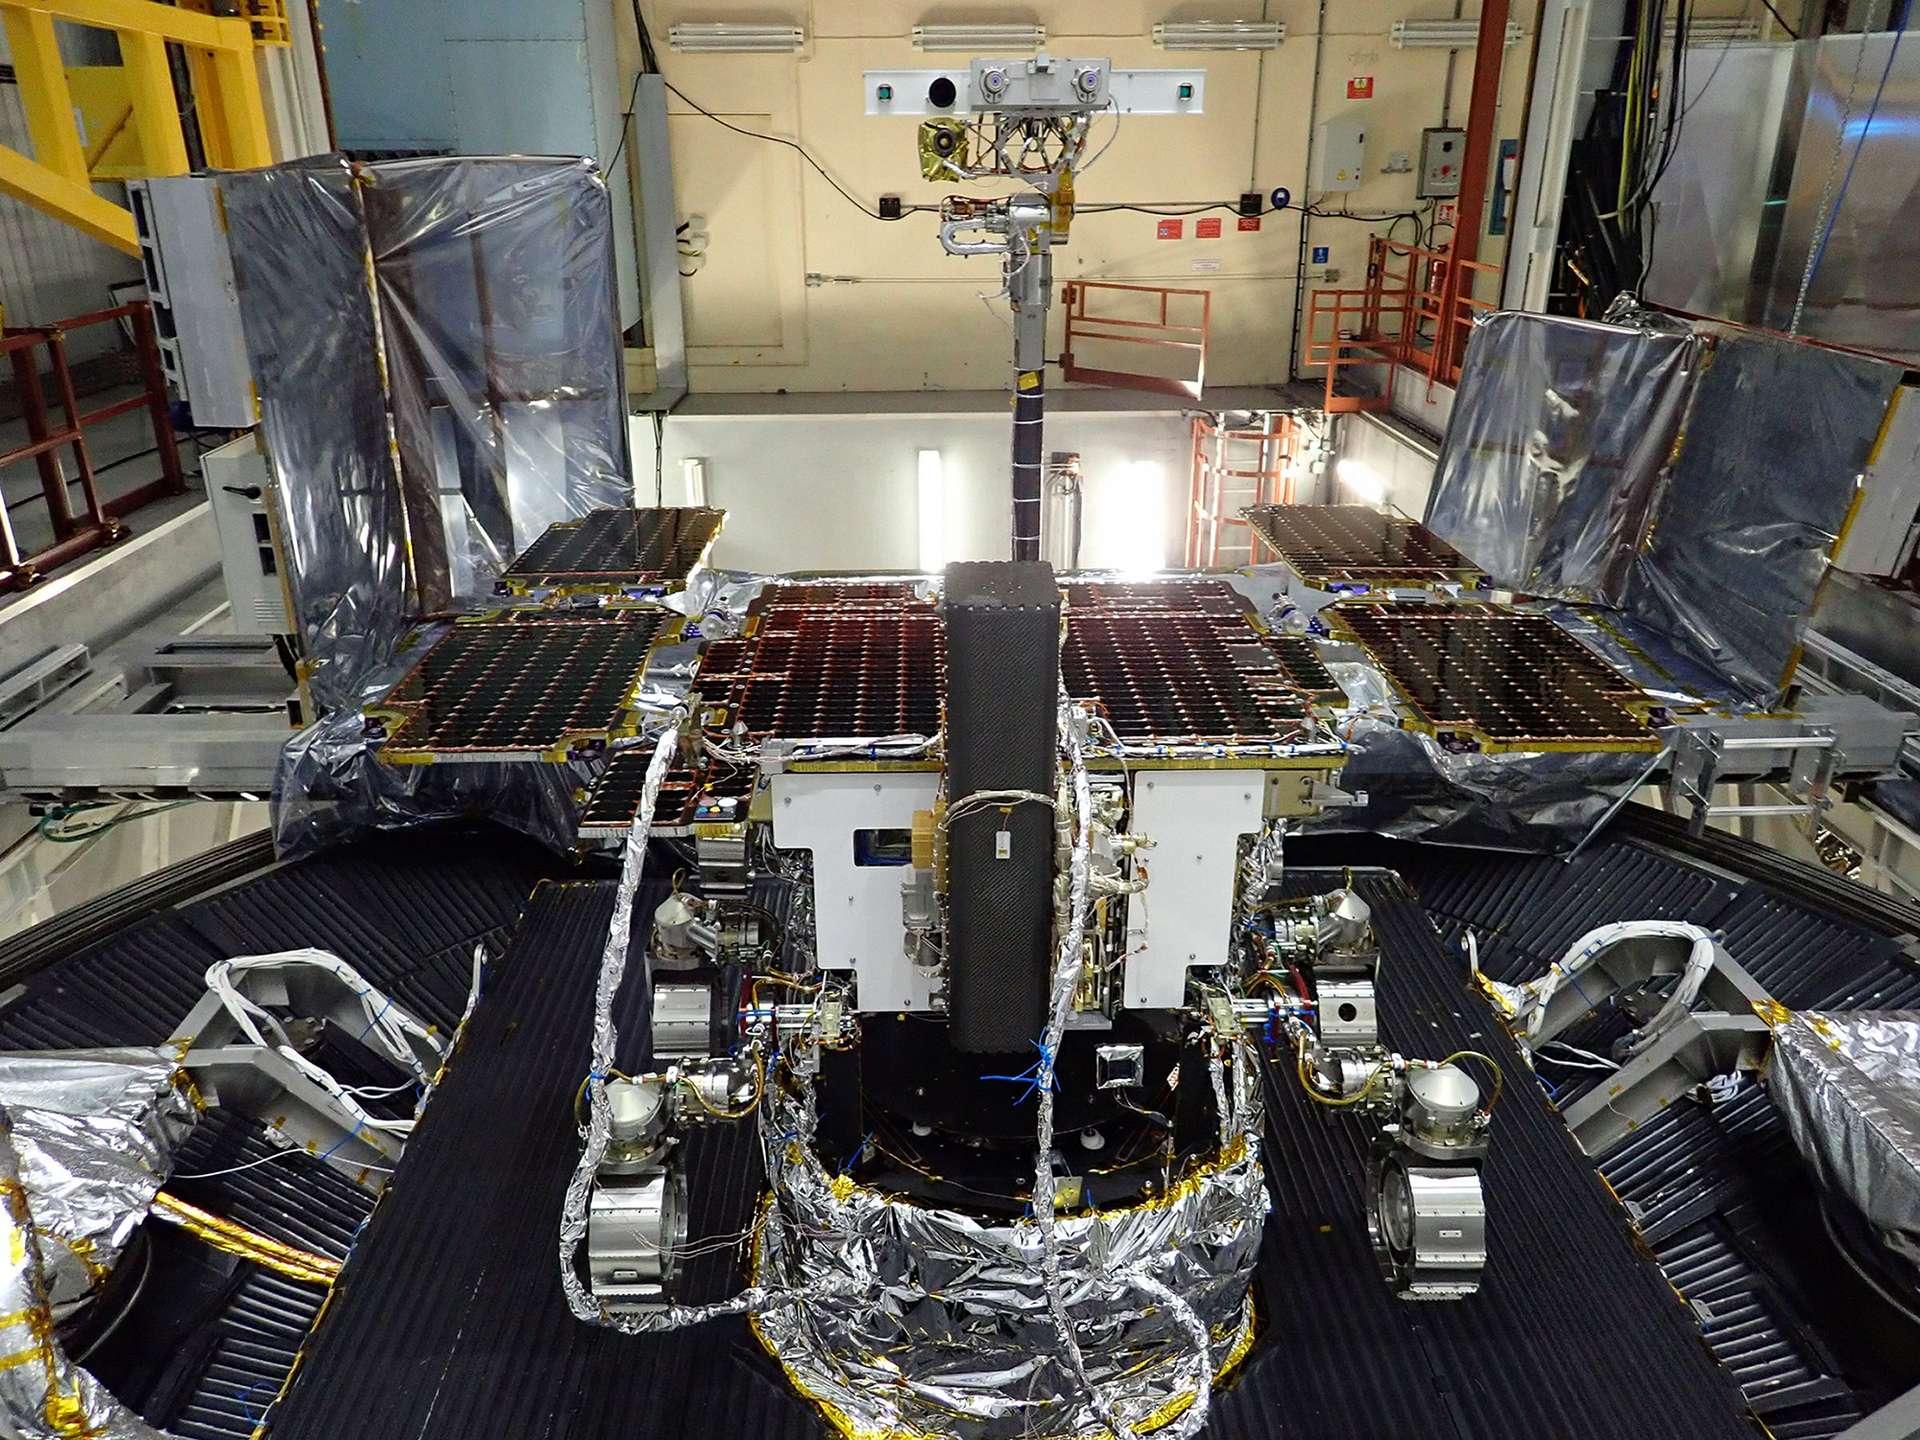 Le rover Rosalind Franklin (ExoMars 2020) débute ses essais de vide thermique chez Airbus à Toulouse. © Airbus